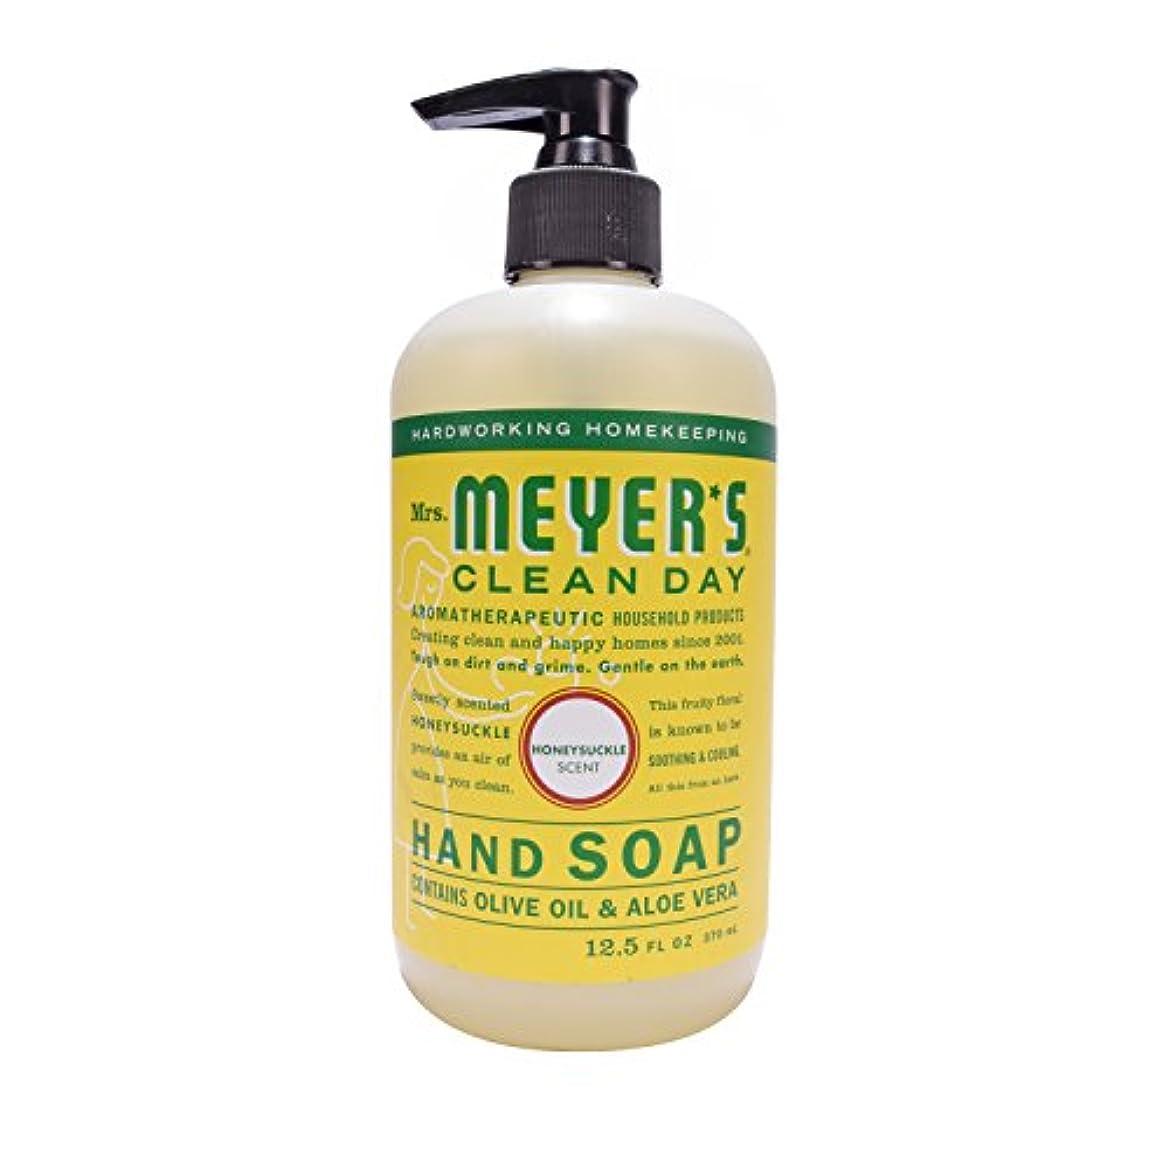 篭ミニ含めるMrs. Meyer's Clean Day Hand Soap Liquid, Honeysuckle, 12.5-Fluid Ounce Bottles by Mrs. Meyer's Clean Day